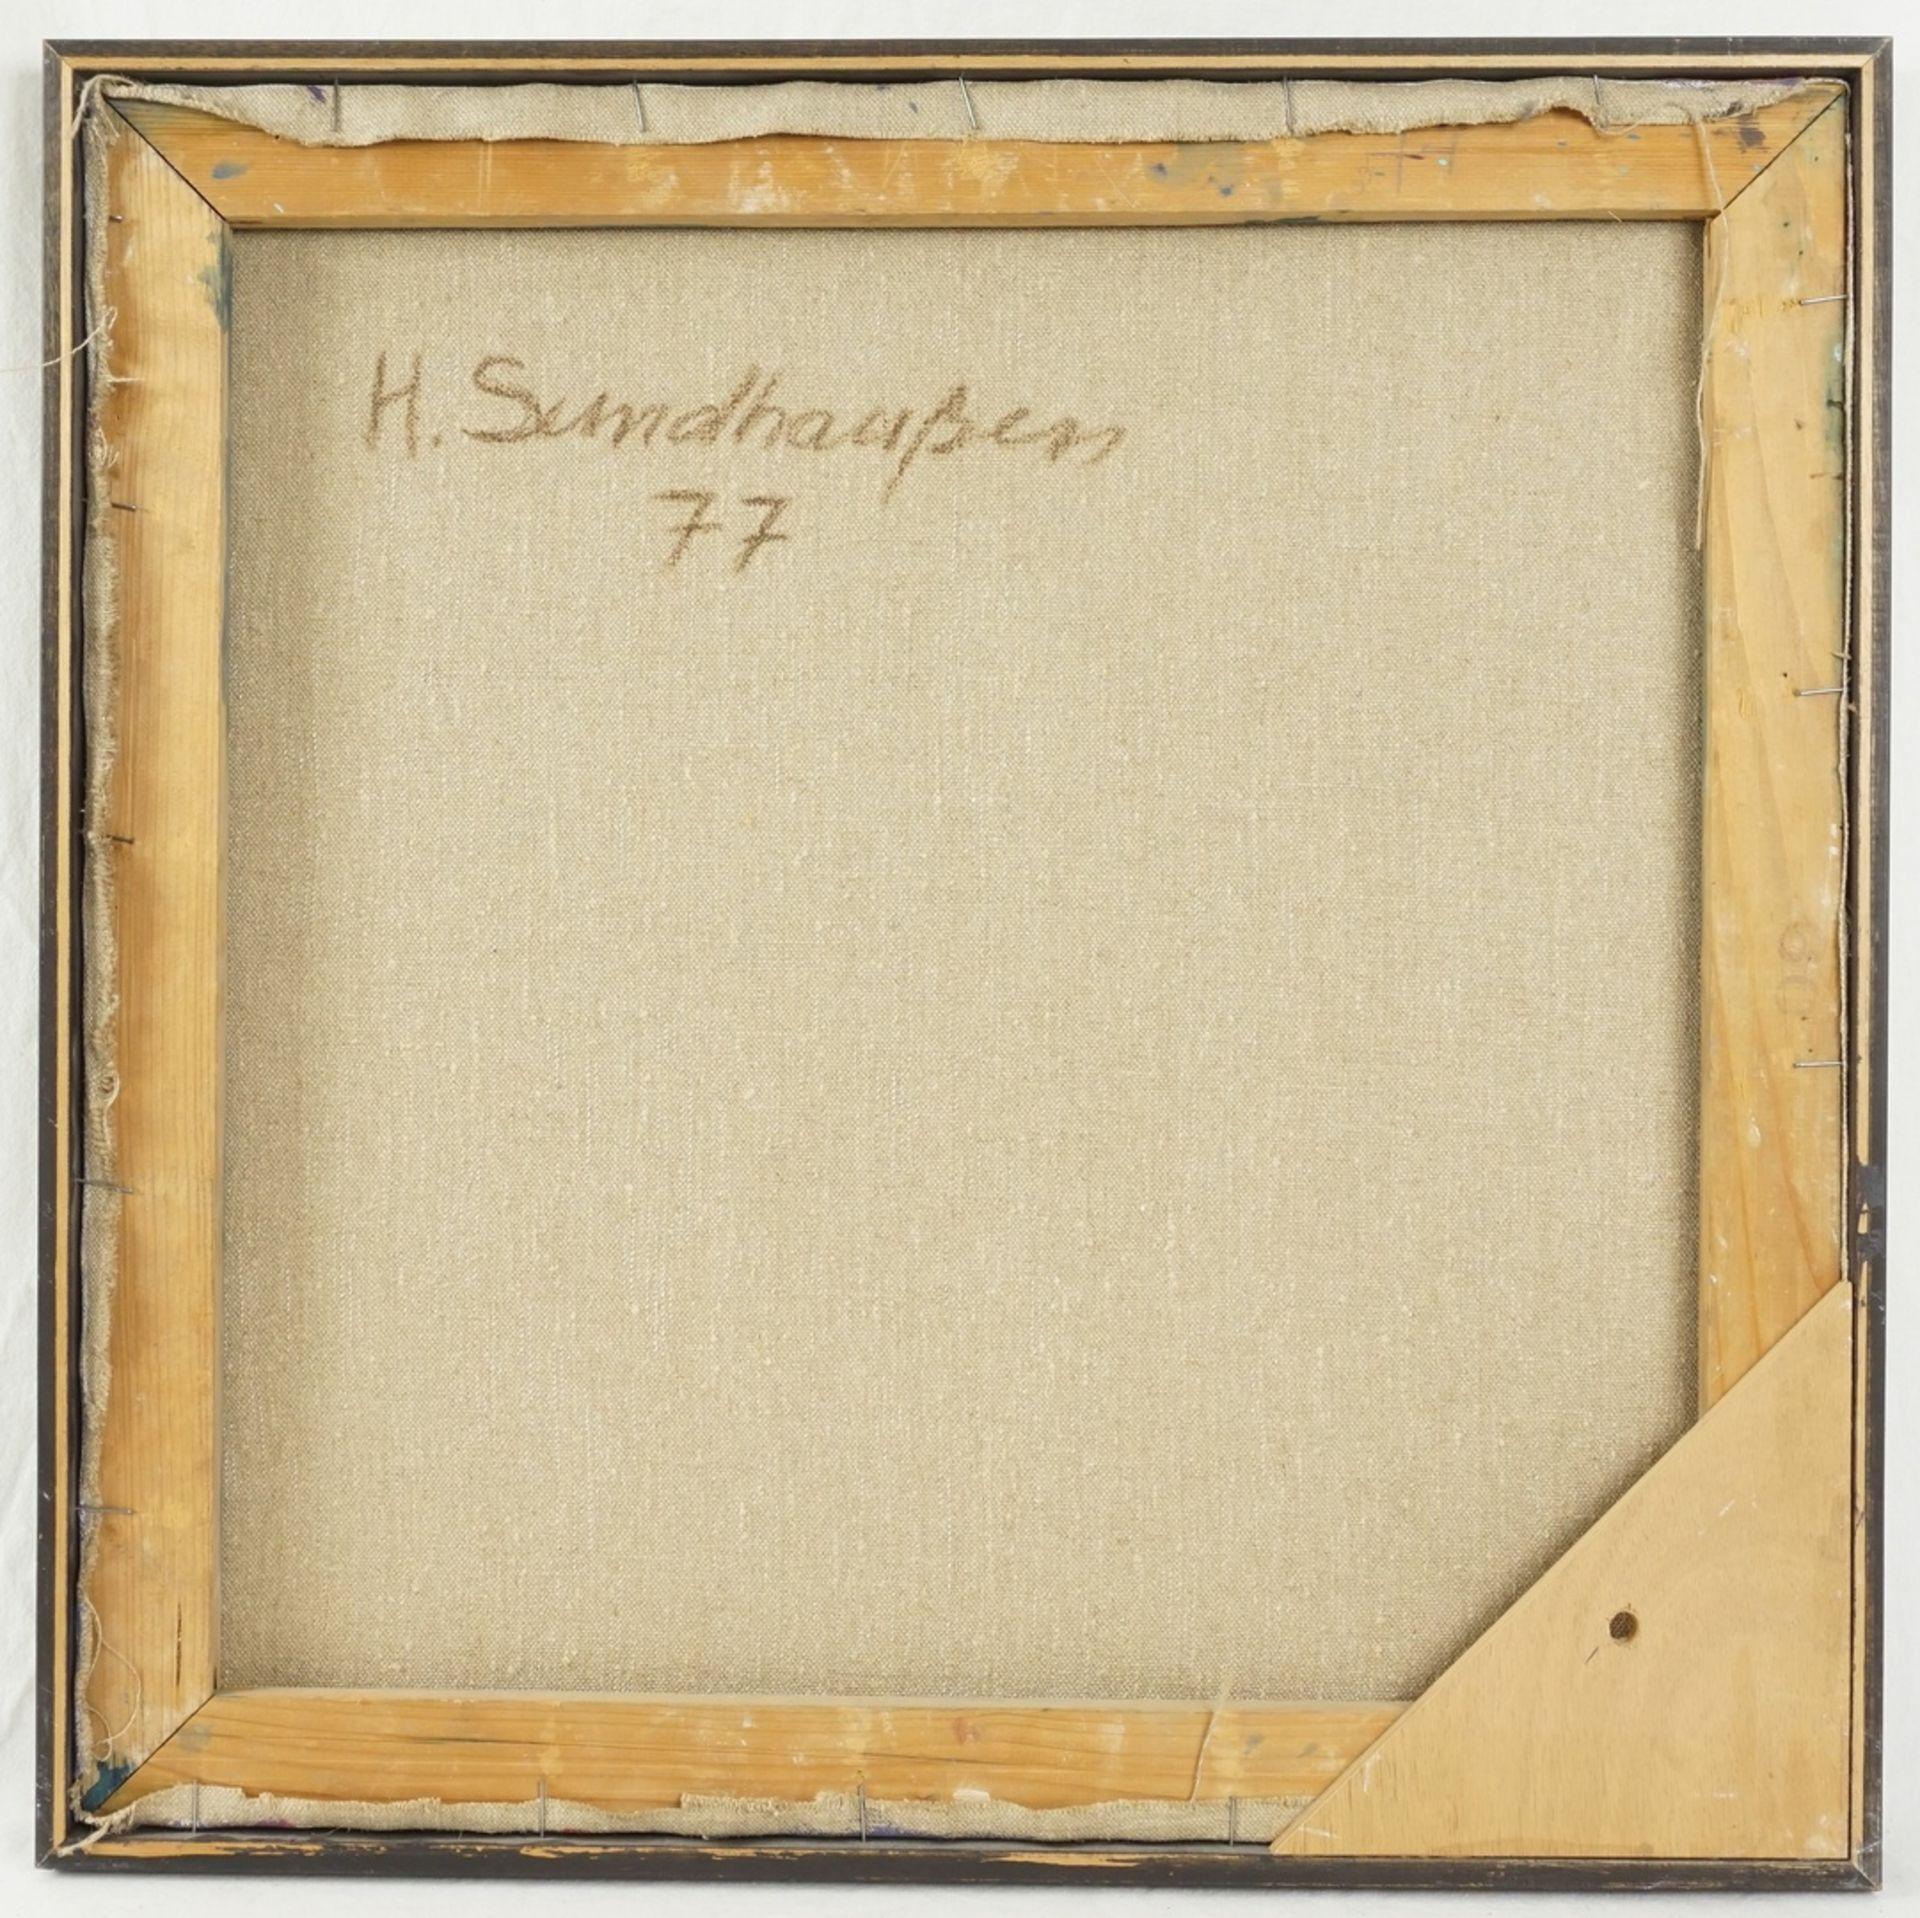 Helmut Sundhaußen, Geometrische Komposition auf blauem Grund - Bild 2 aus 2